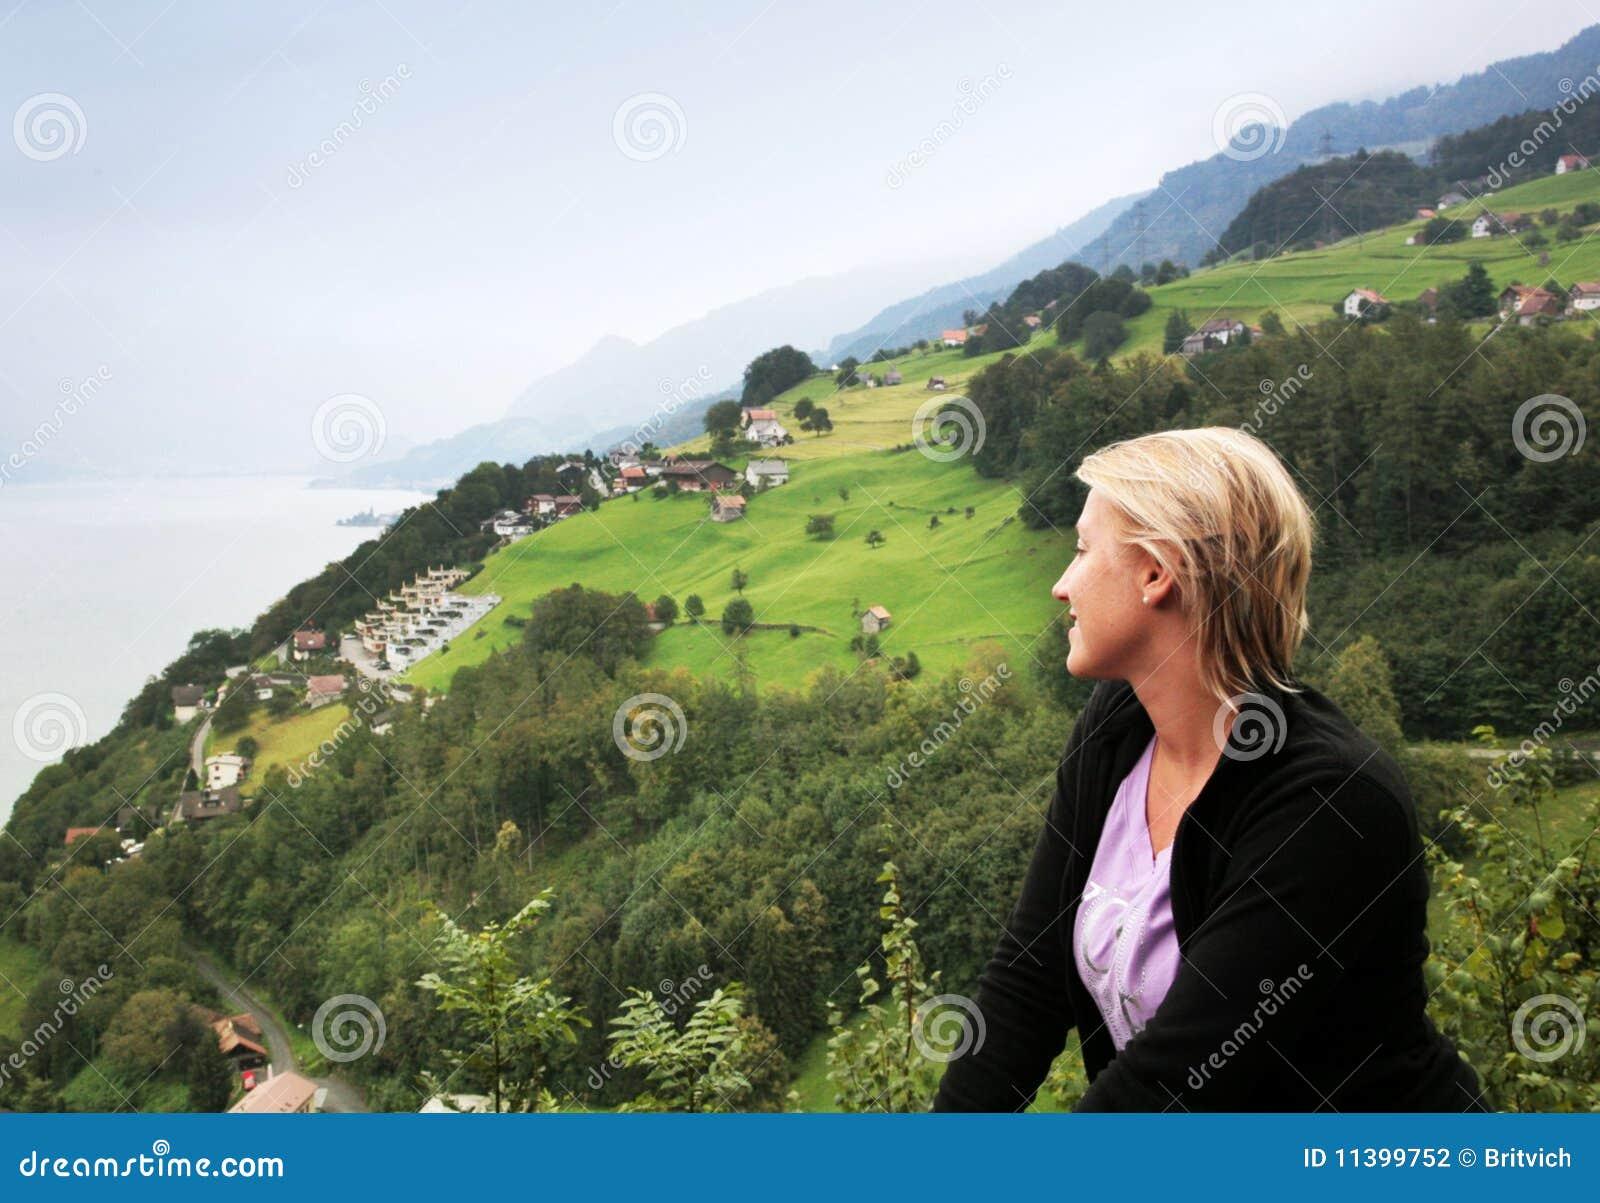 Misty Alpine valley view